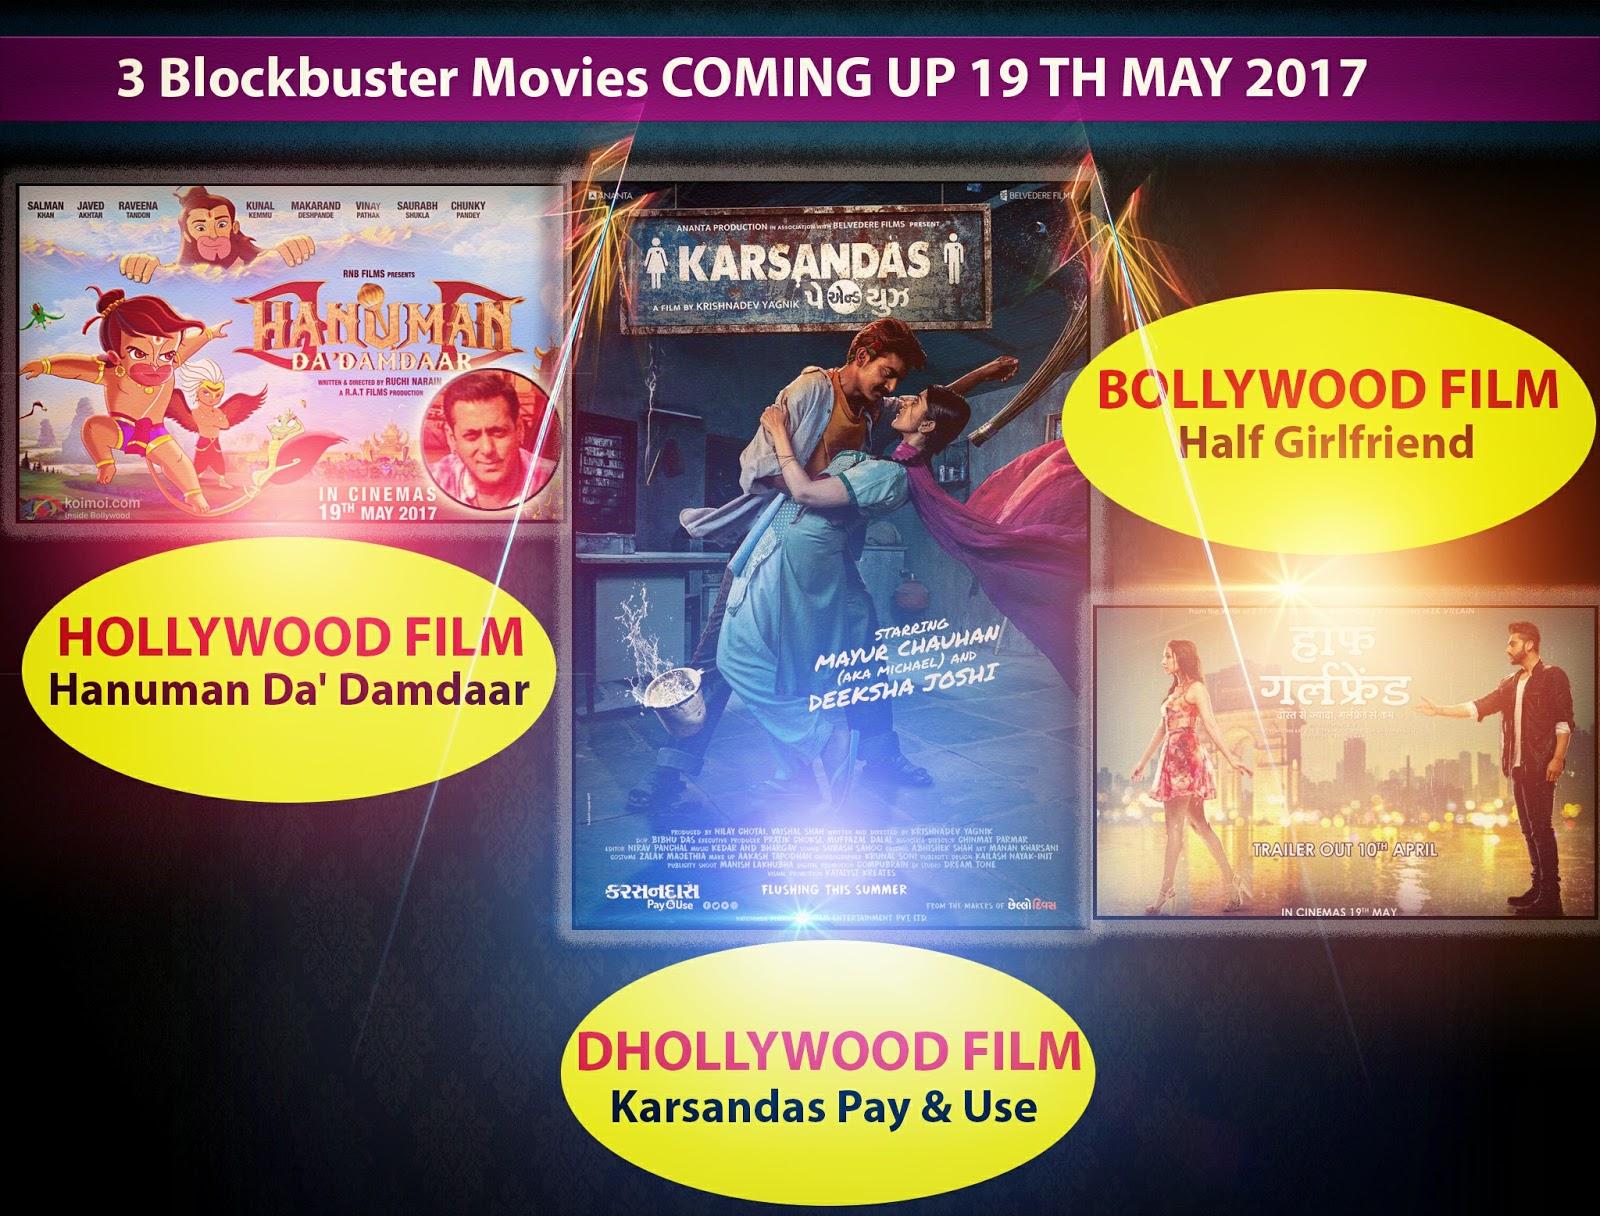 karsandas pay full movie online